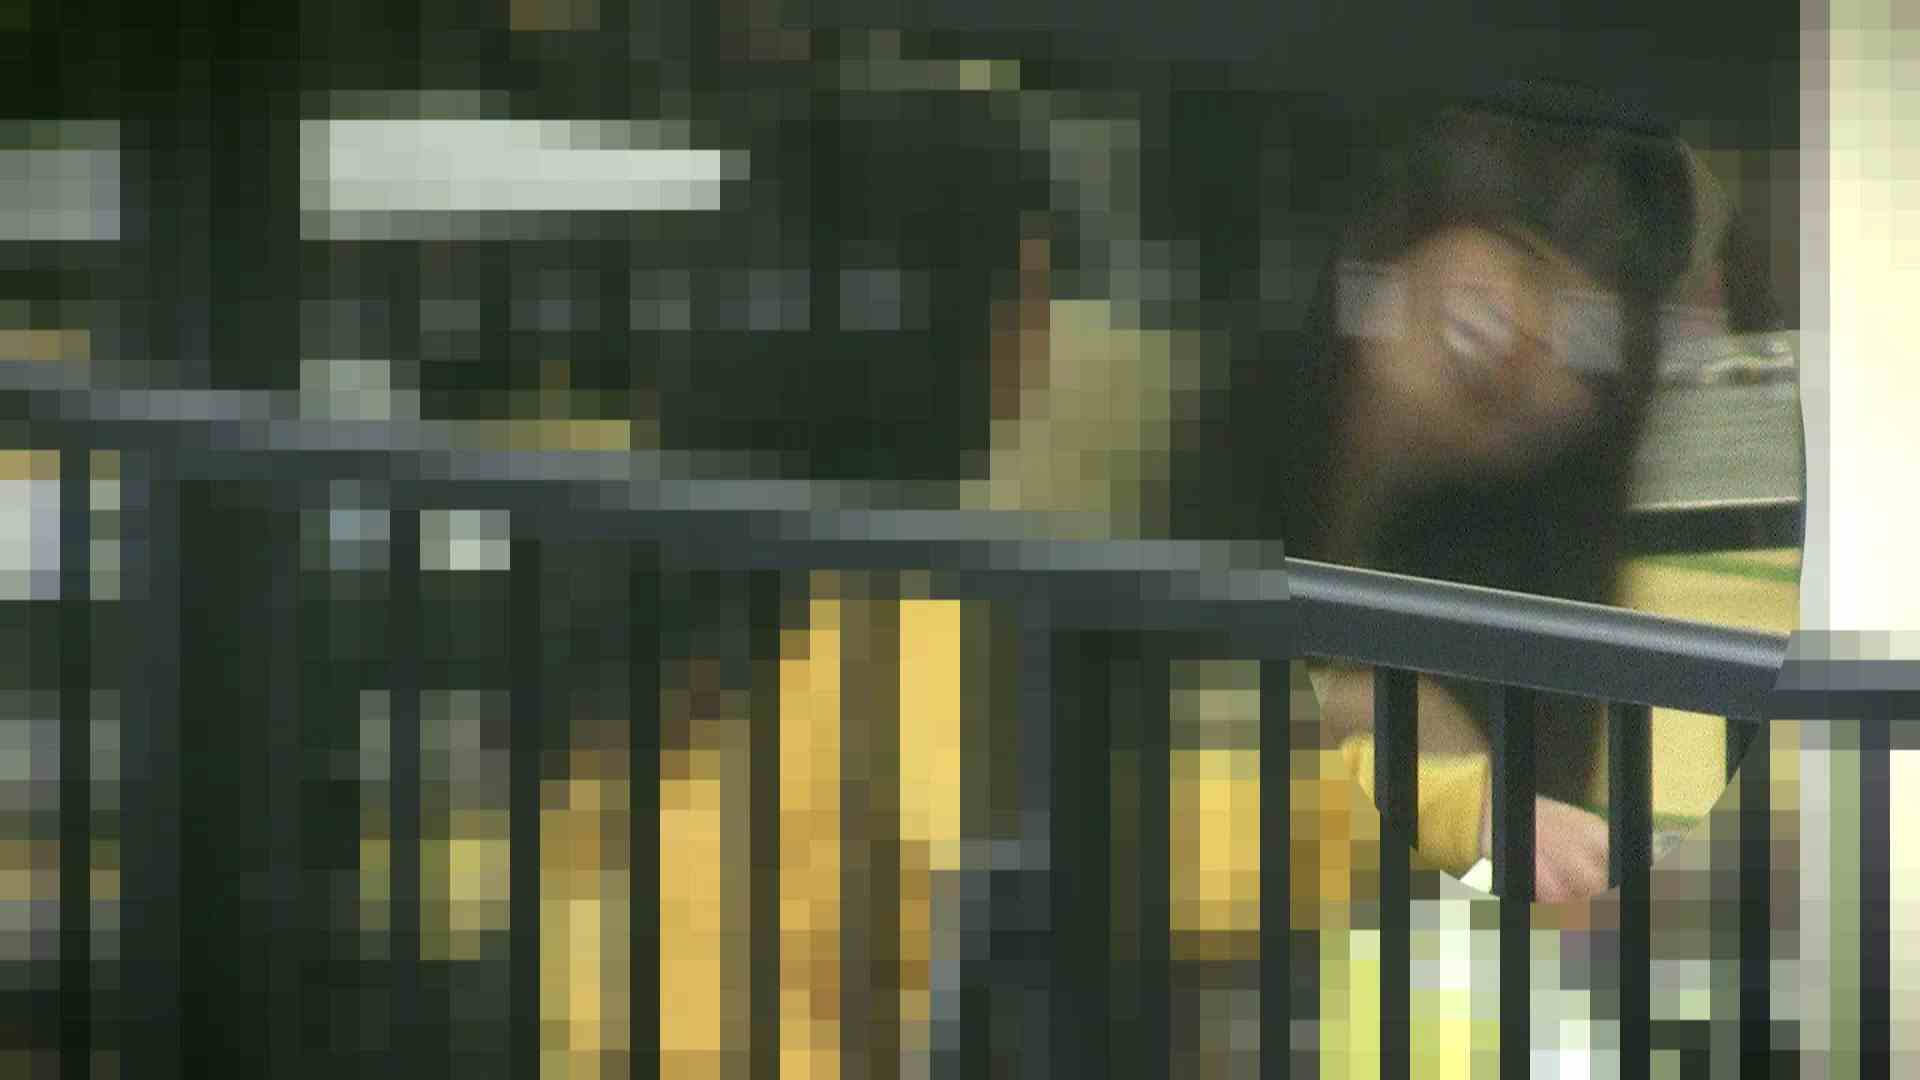 高画質露天女風呂観察 vol.006 露天風呂 のぞき動画画像 60連発 59